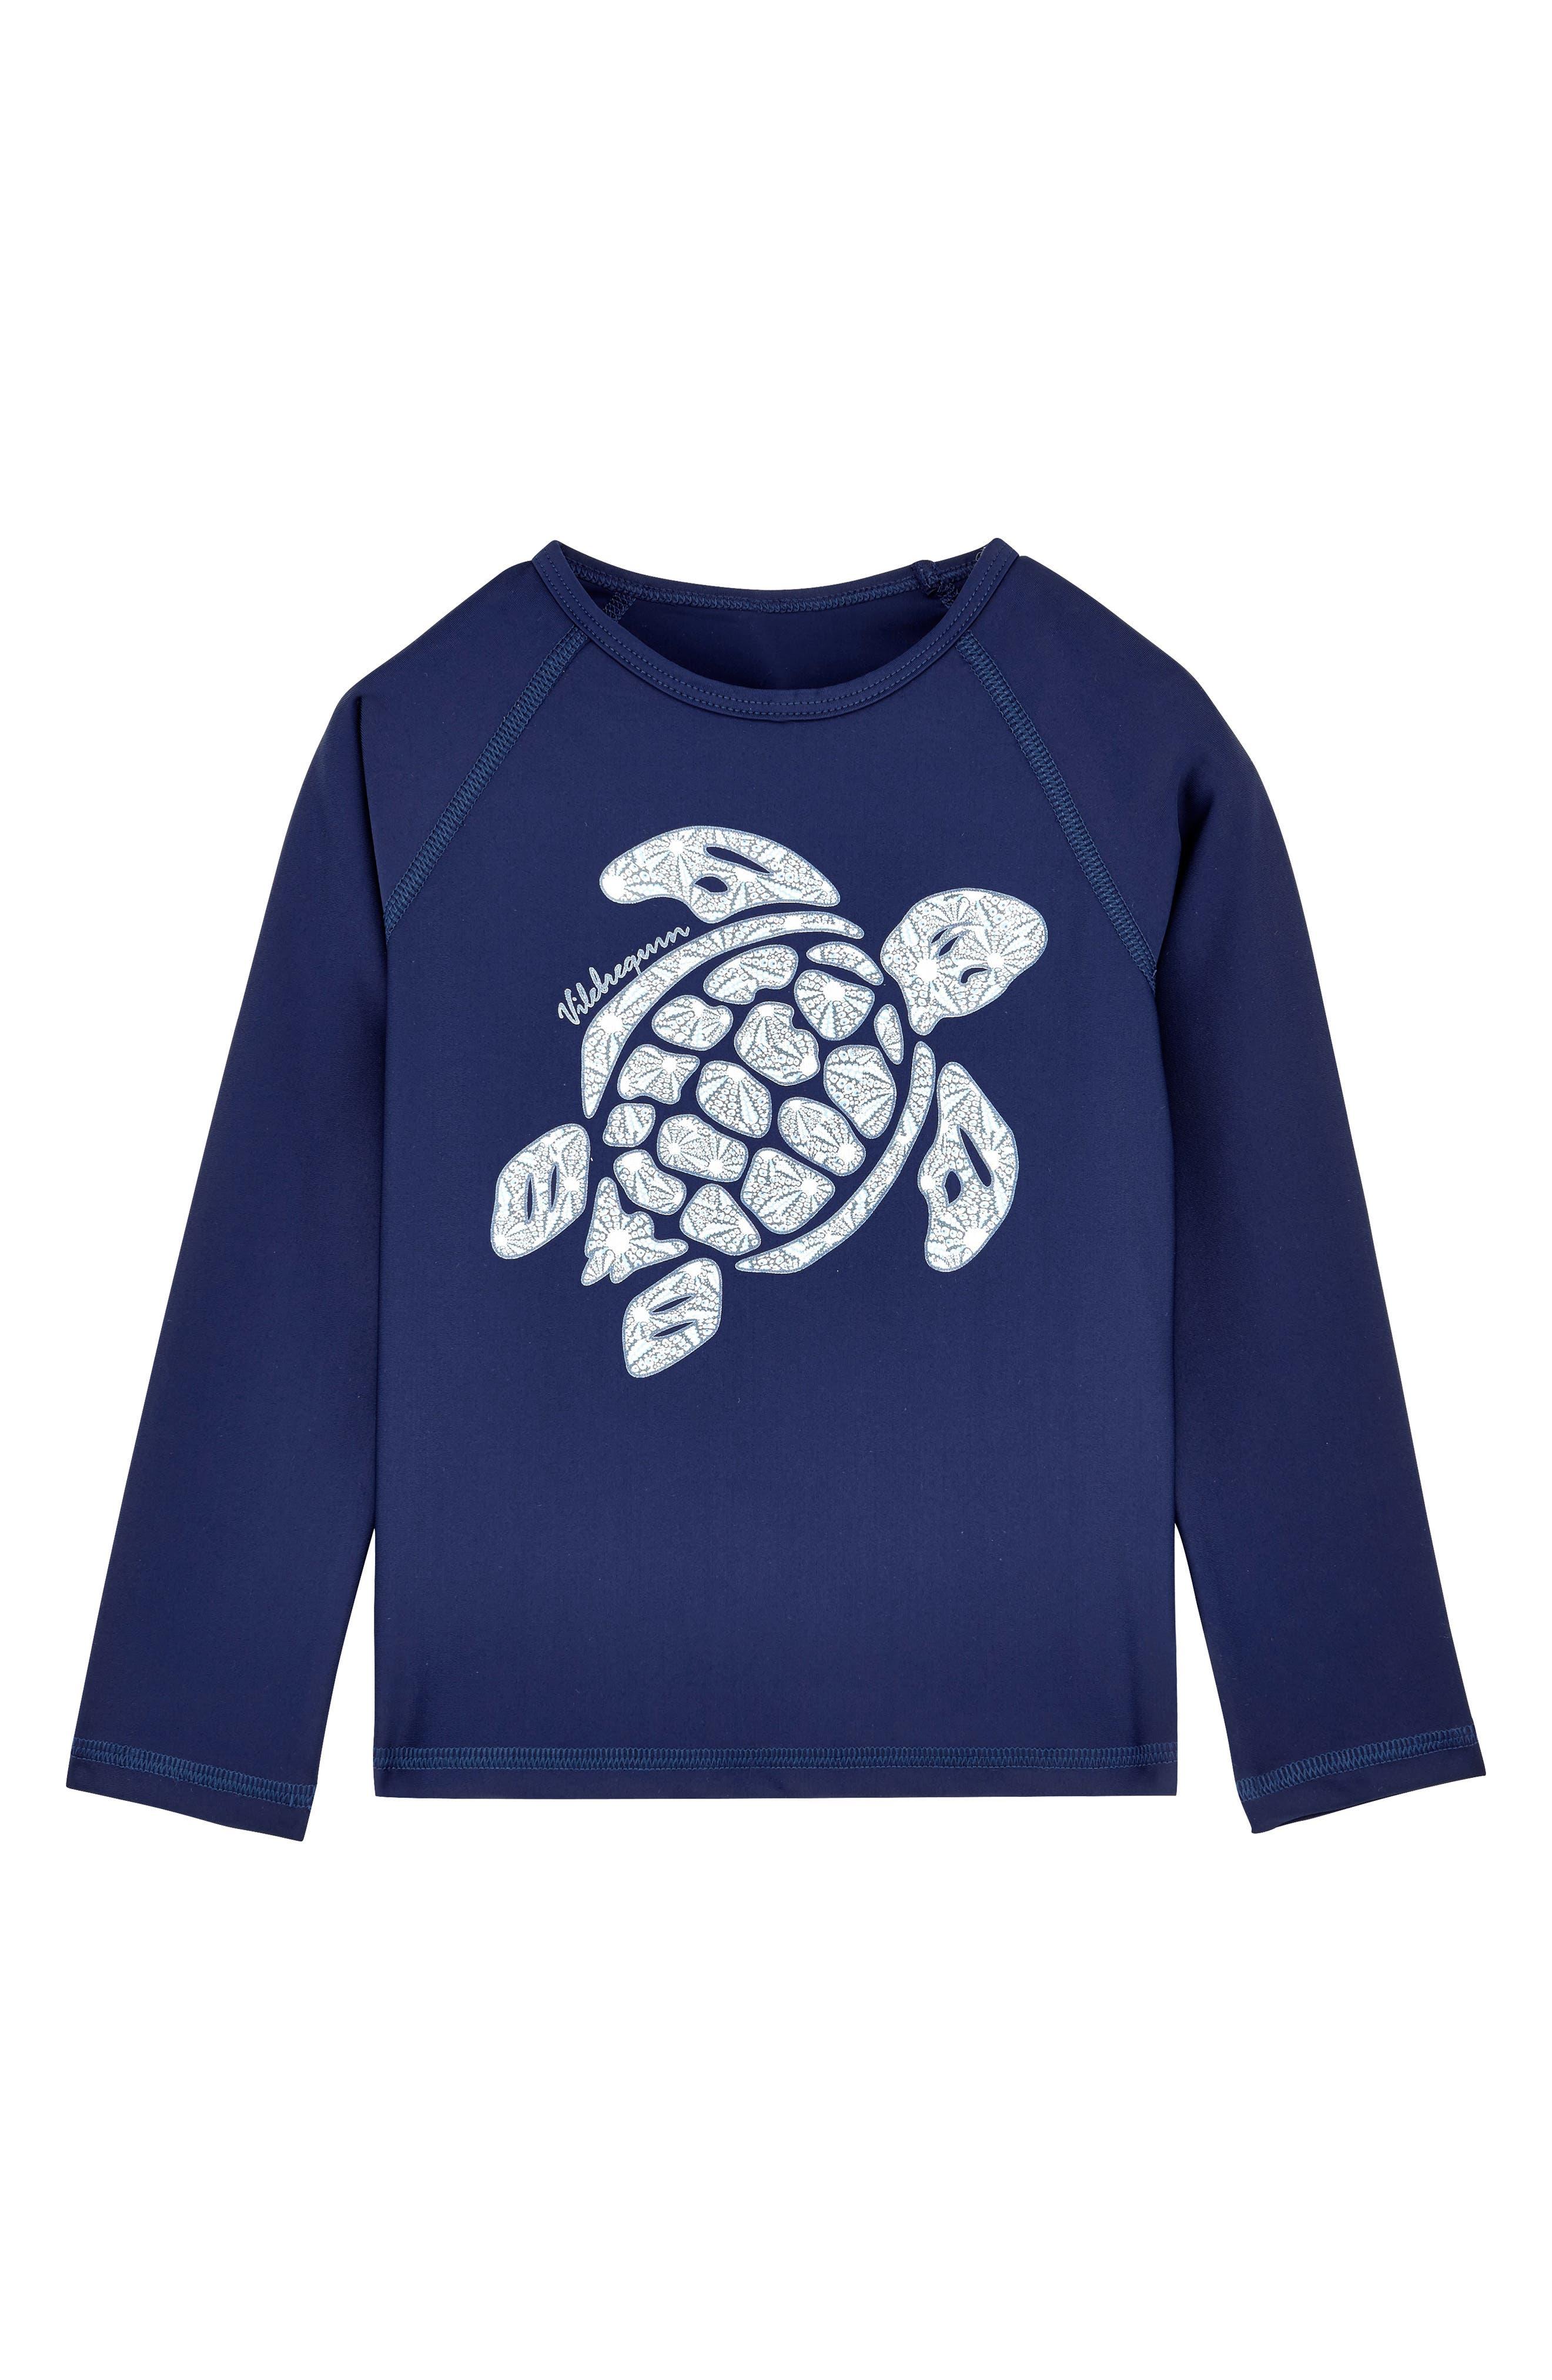 VILEBREQUIN, Turtle Rashguard, Main thumbnail 1, color, BLEU MARINE